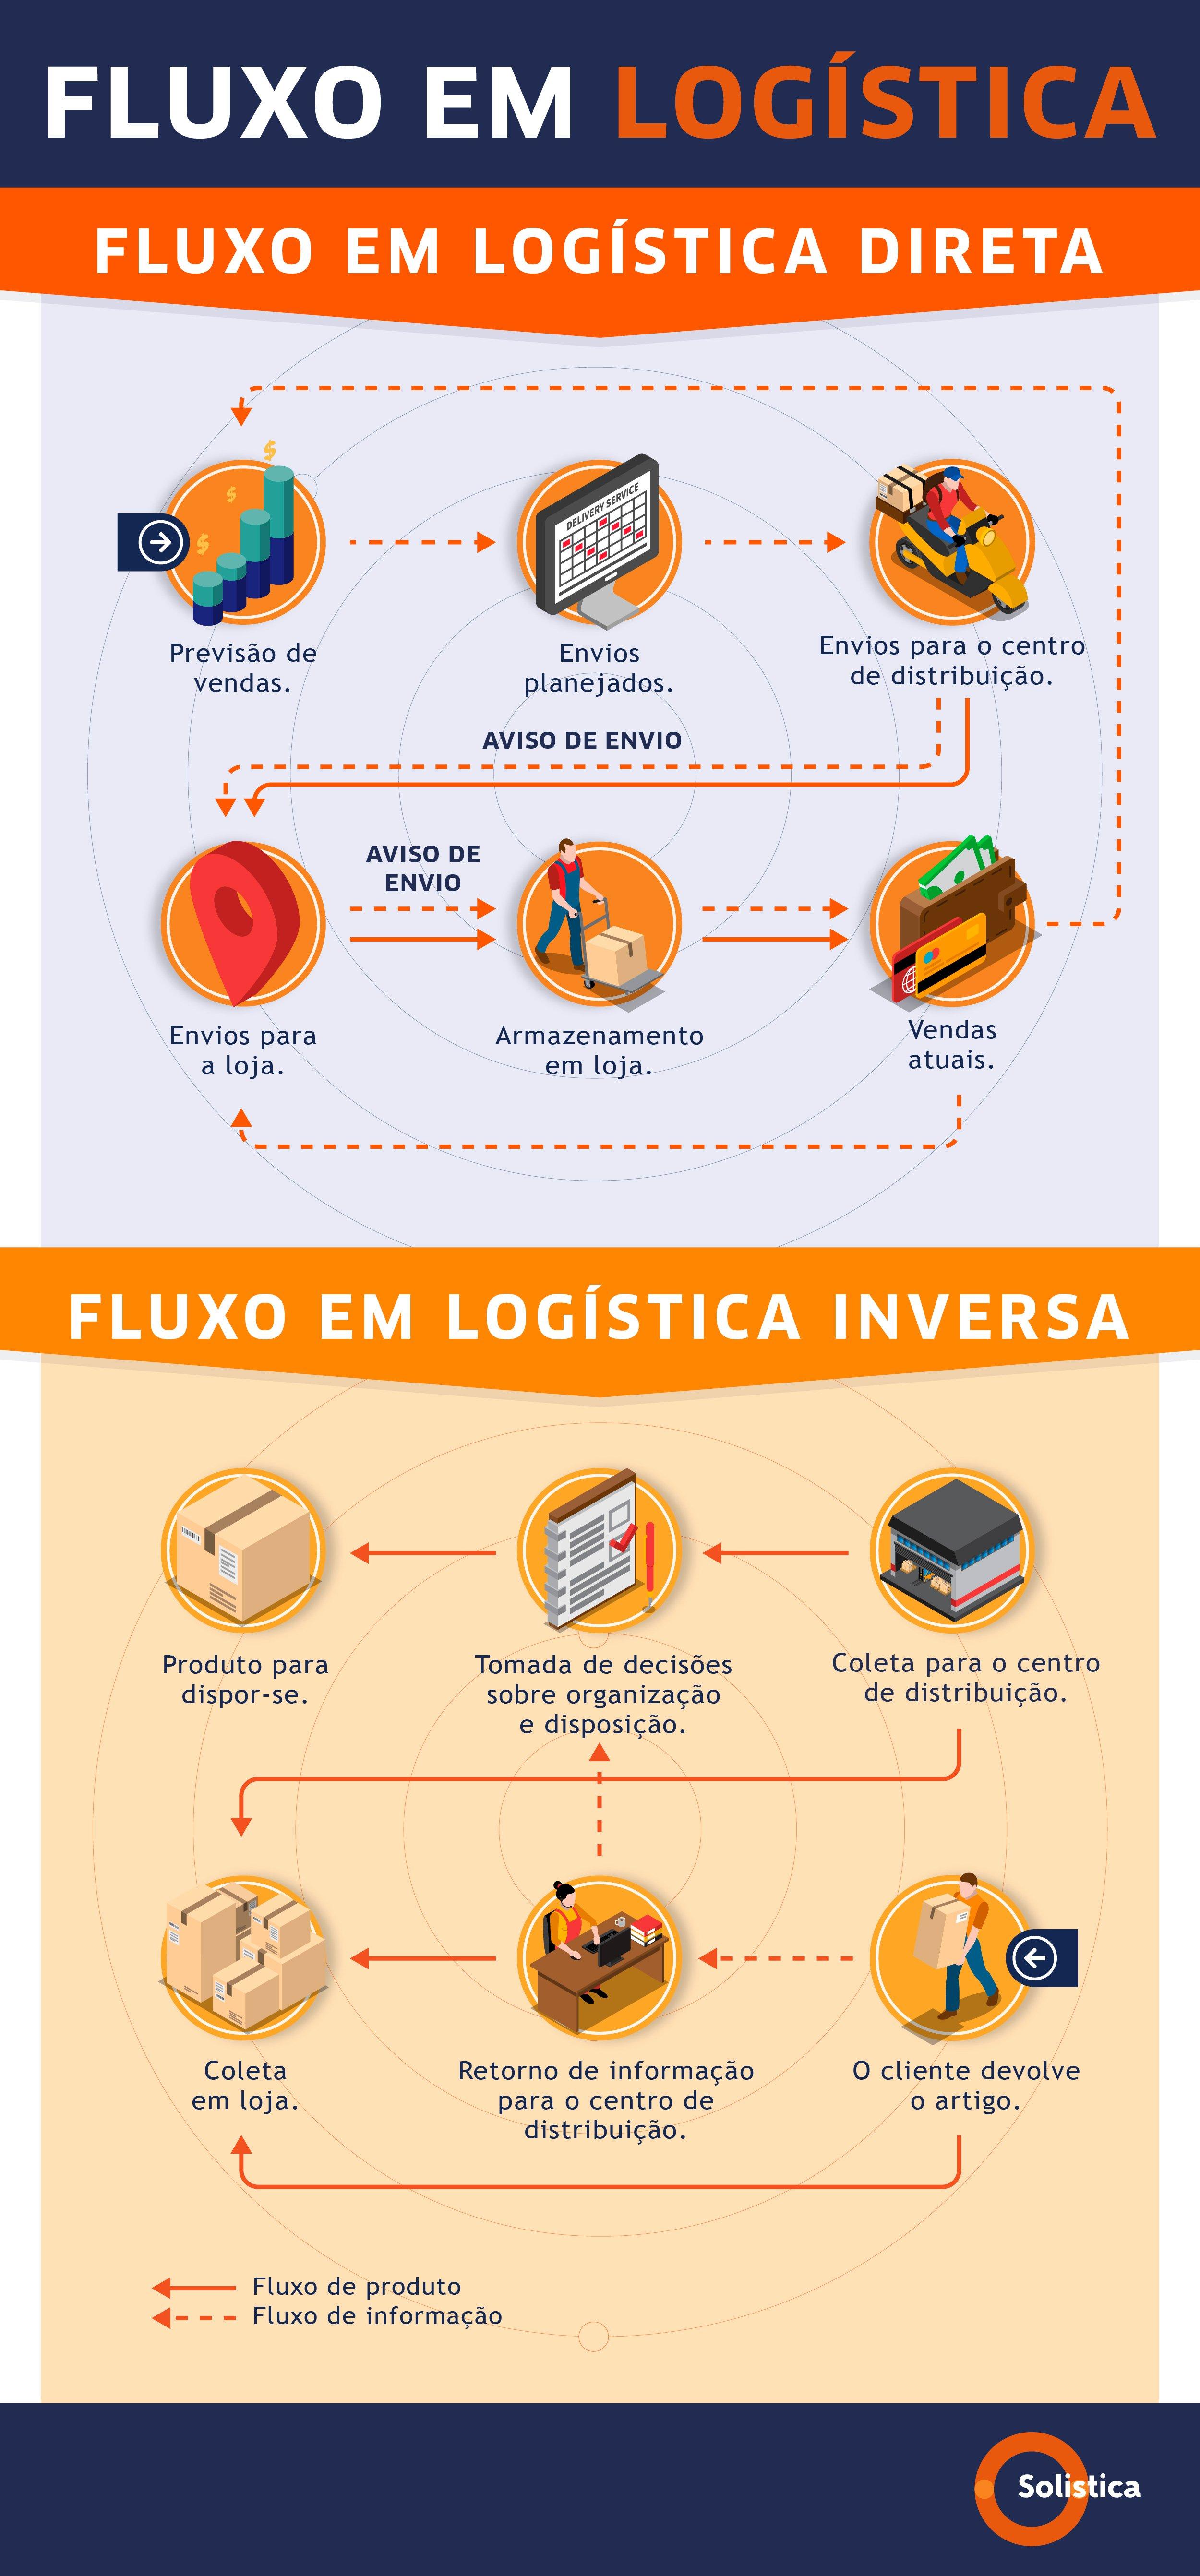 SOL-Blog no. 2 ABR Fluxo em logistica inversa